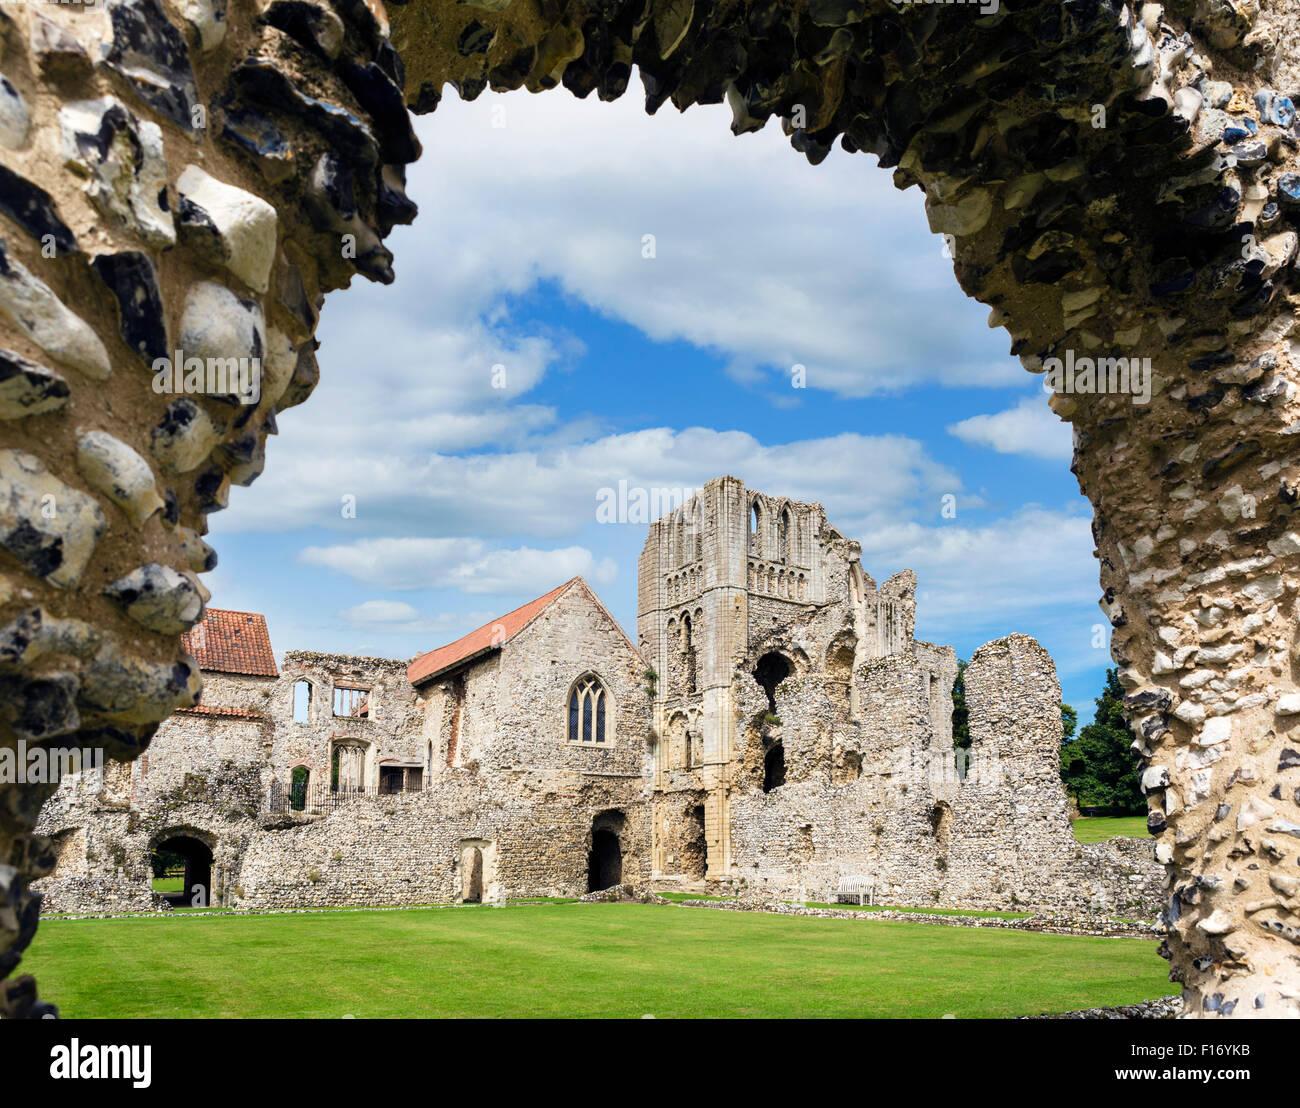 Les ruines du château d'Acre prieuré à la recherche vers l'avant, de l'hébergement Photo Stock